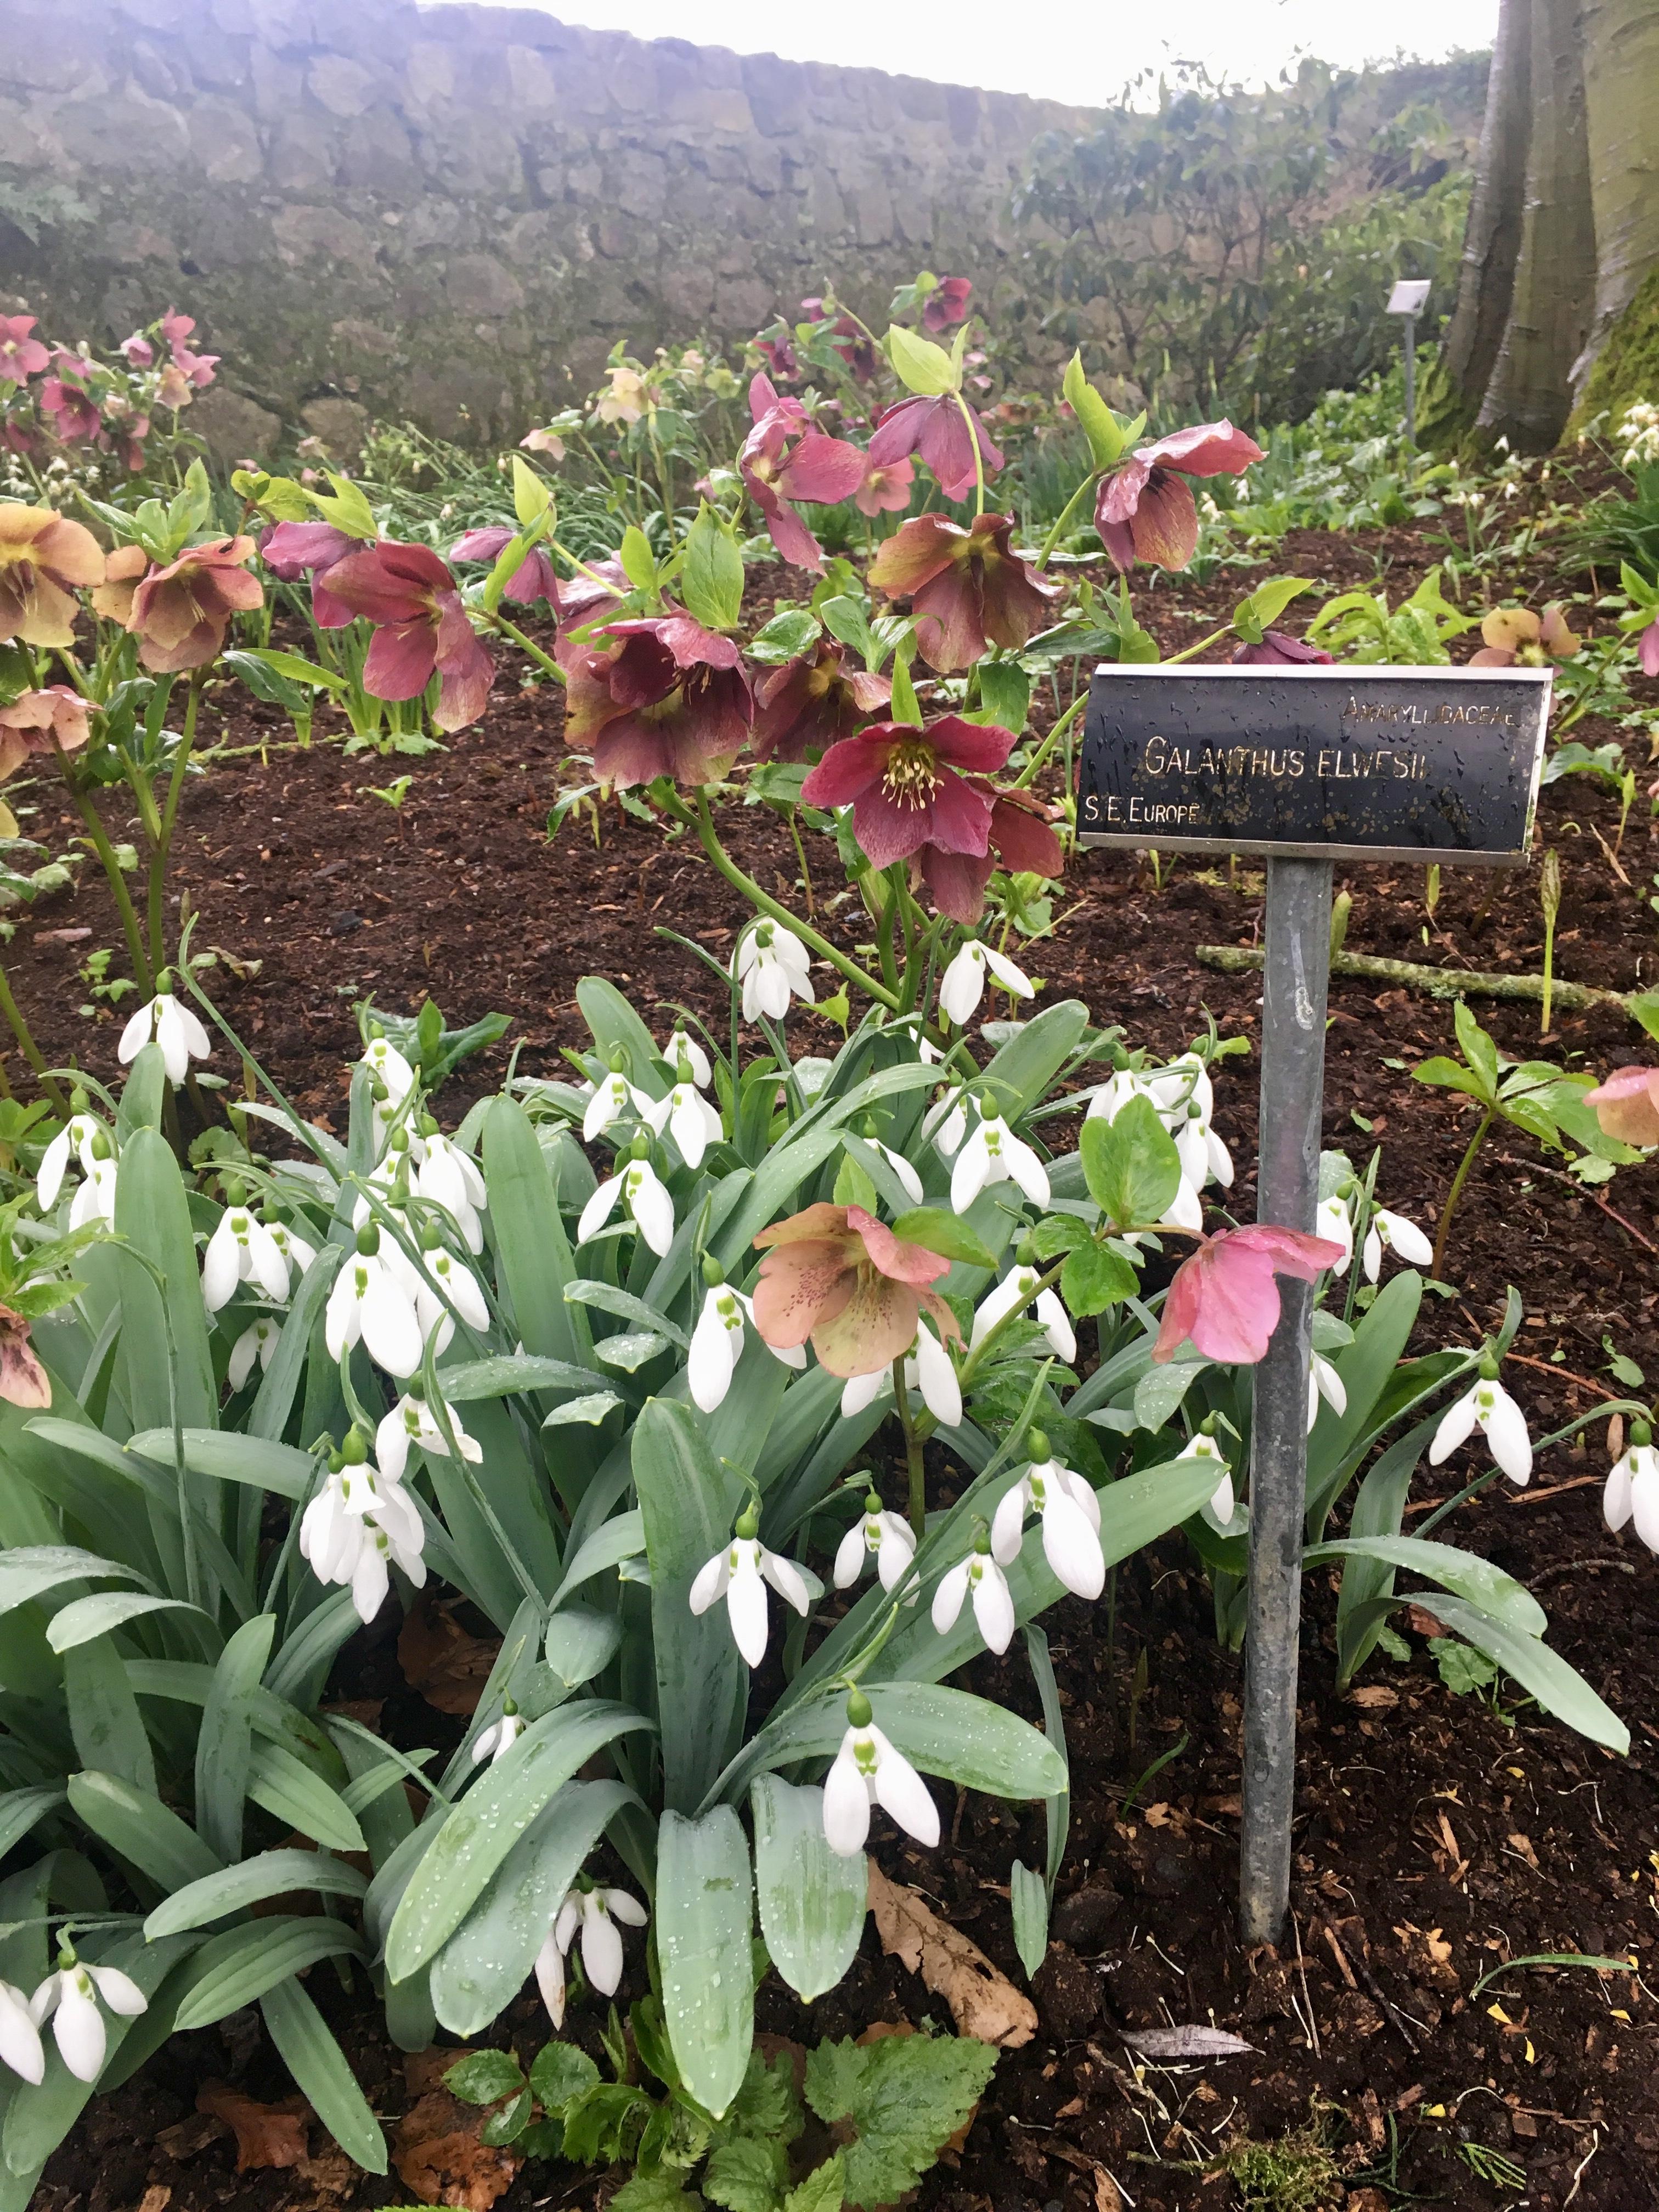 Snowdrops Elwseii Altamont Gardens Carlow Garden trail Ireland Ireland's Ancient eaST snowdrop Month walks